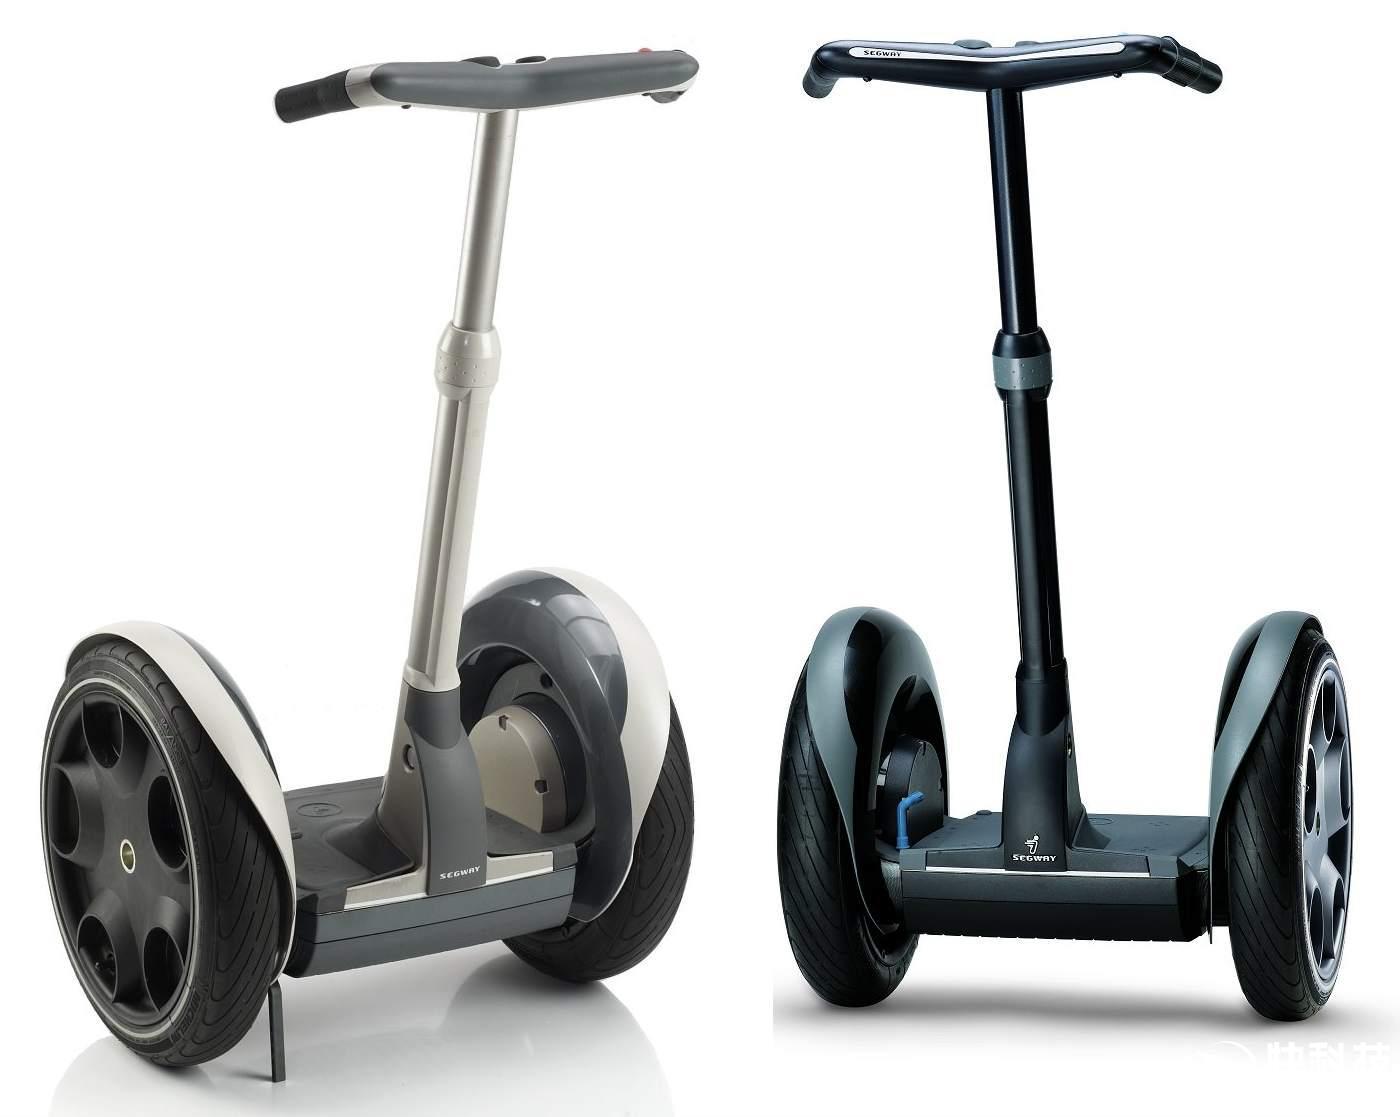 小米平衡车怎么样 一款完全针对年轻人的酷炫玩具